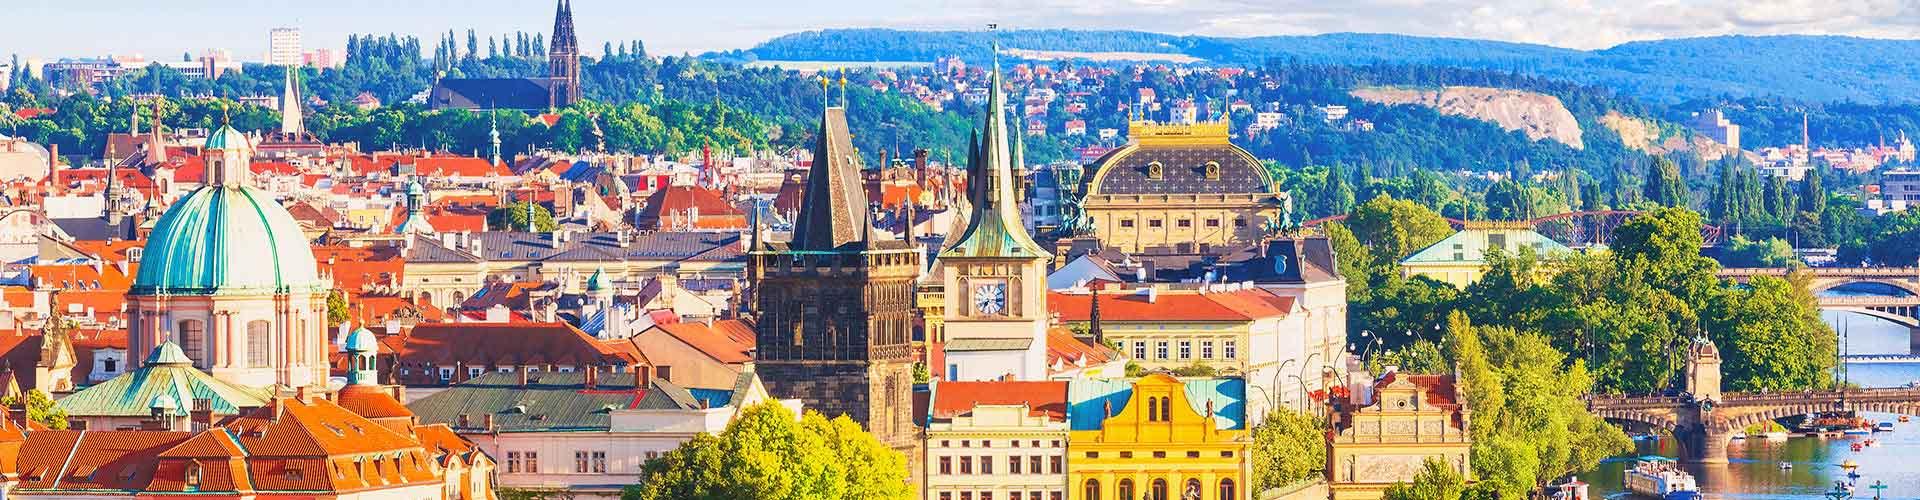 Praga - Albergues en Praga. Mapas de Praga, Fotos y Comentarios para cada Albergue en Praga.